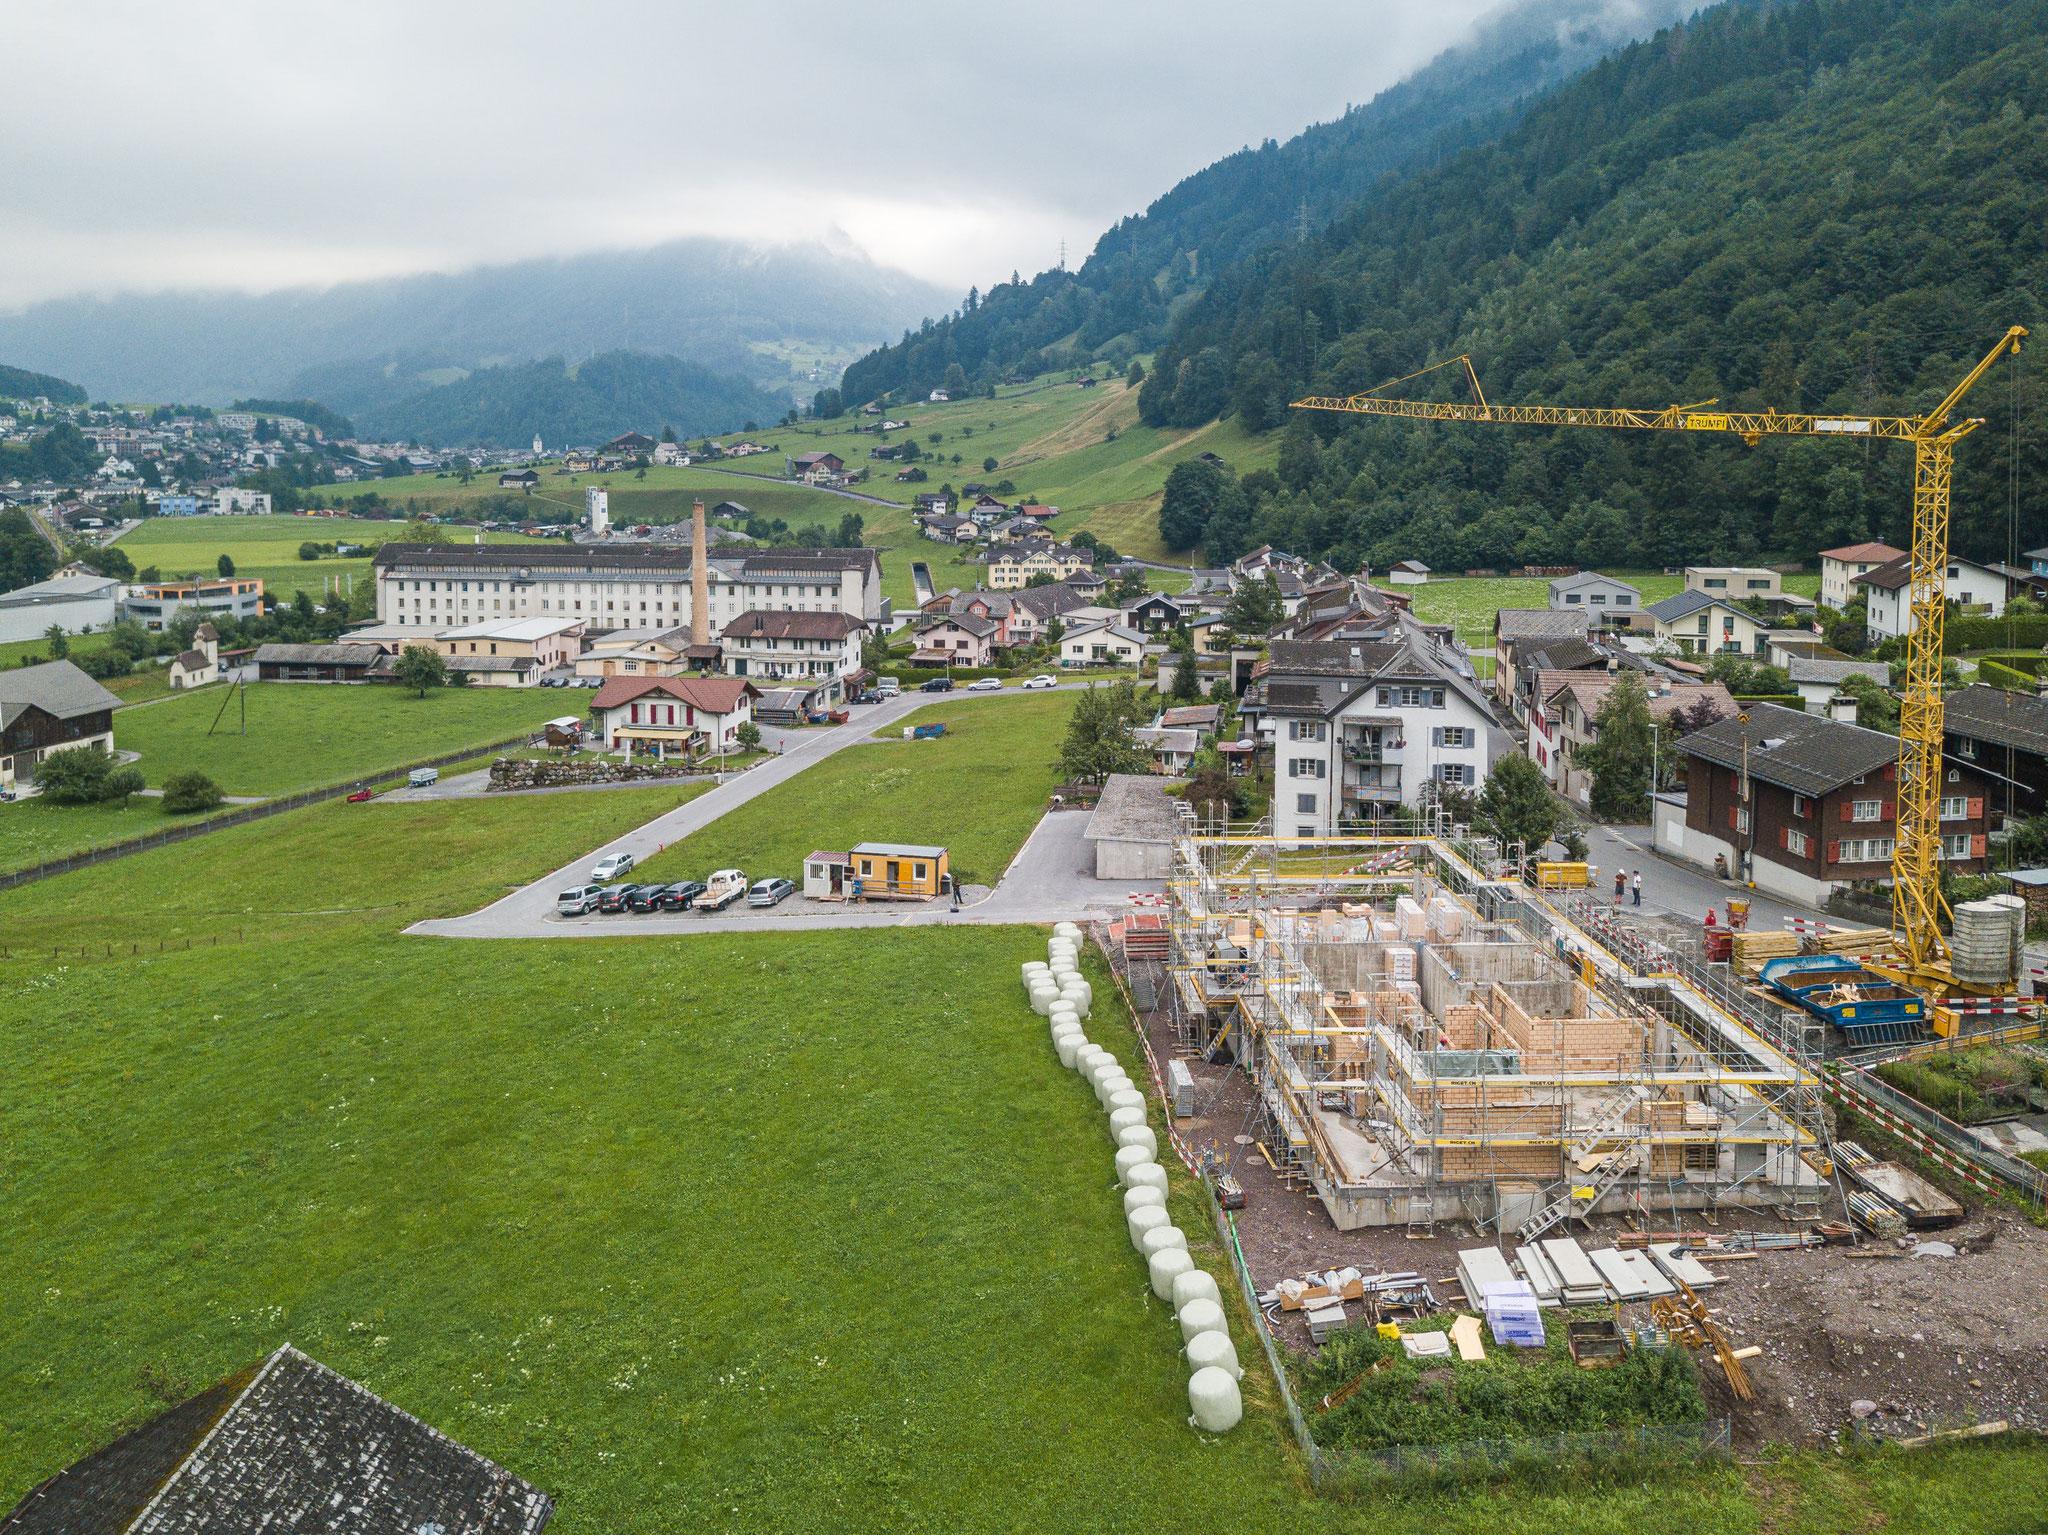 Baufortschritt Juli 2019, Bild: tenzmedia.ch